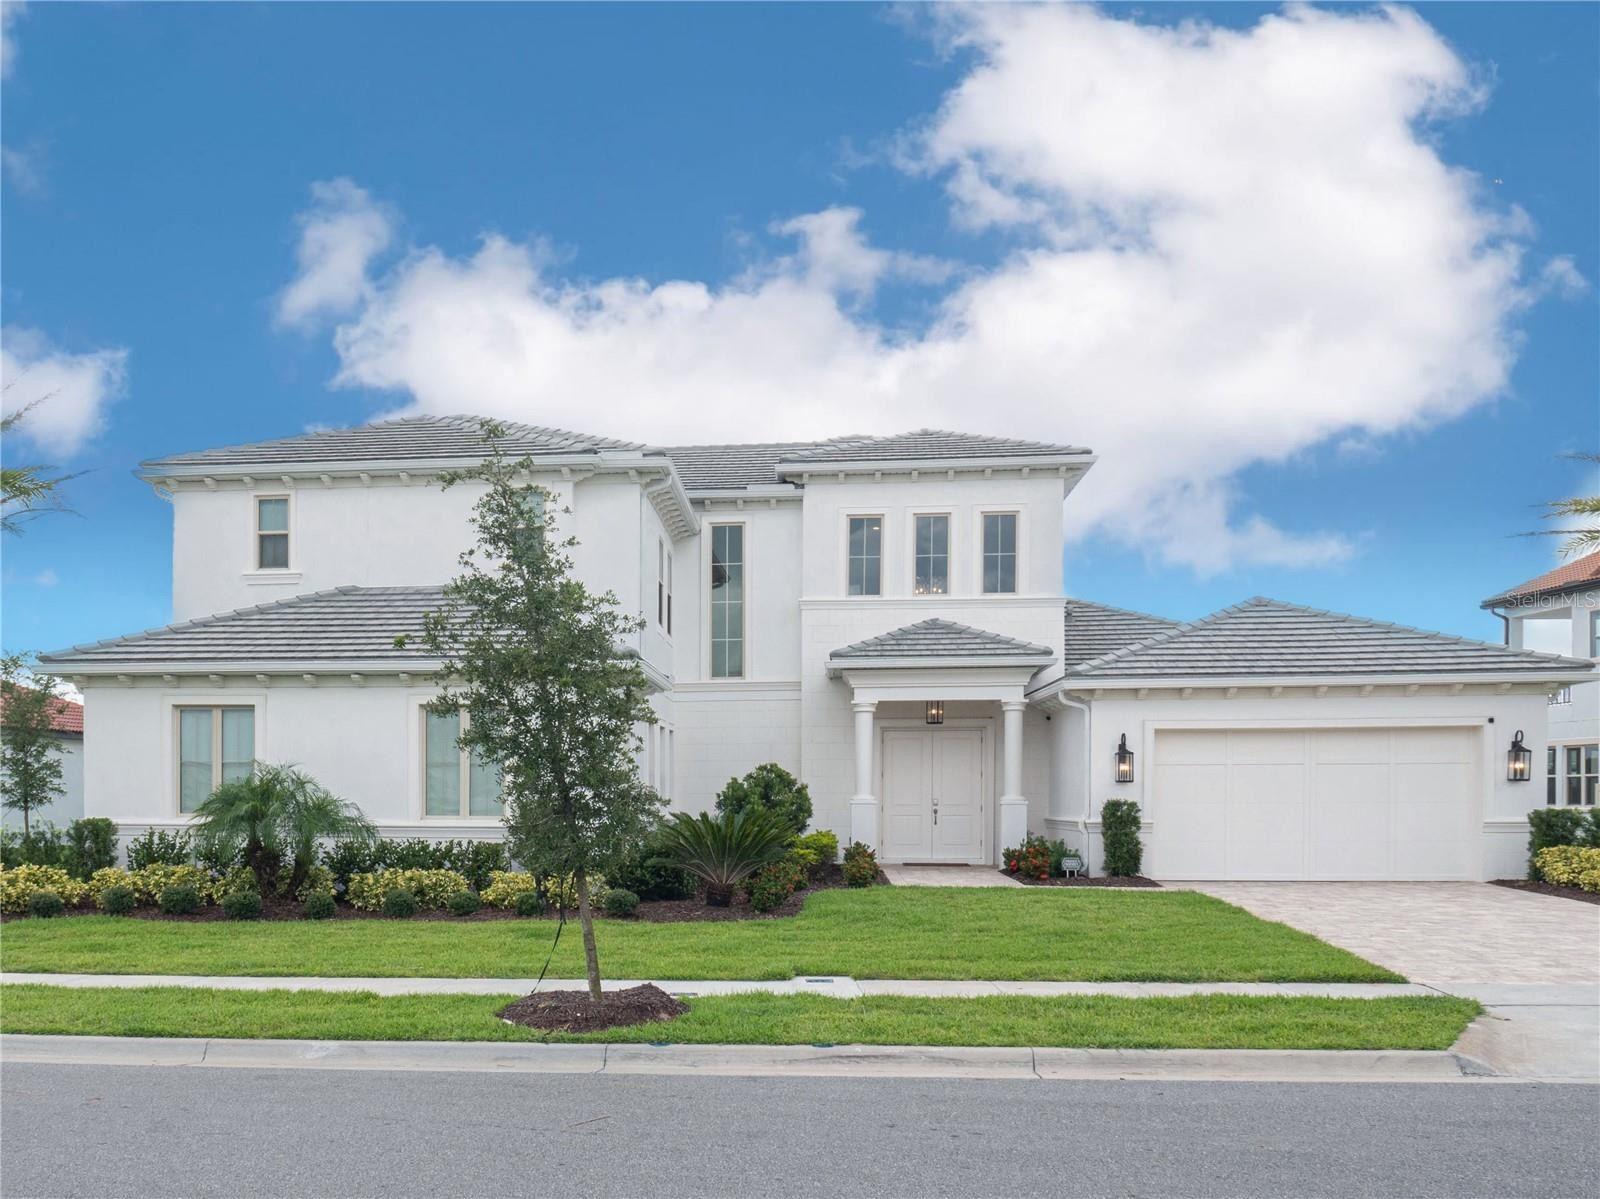 15505 SHOREBIRD LANE, Winter Garden, FL 34787 - #: O5969826